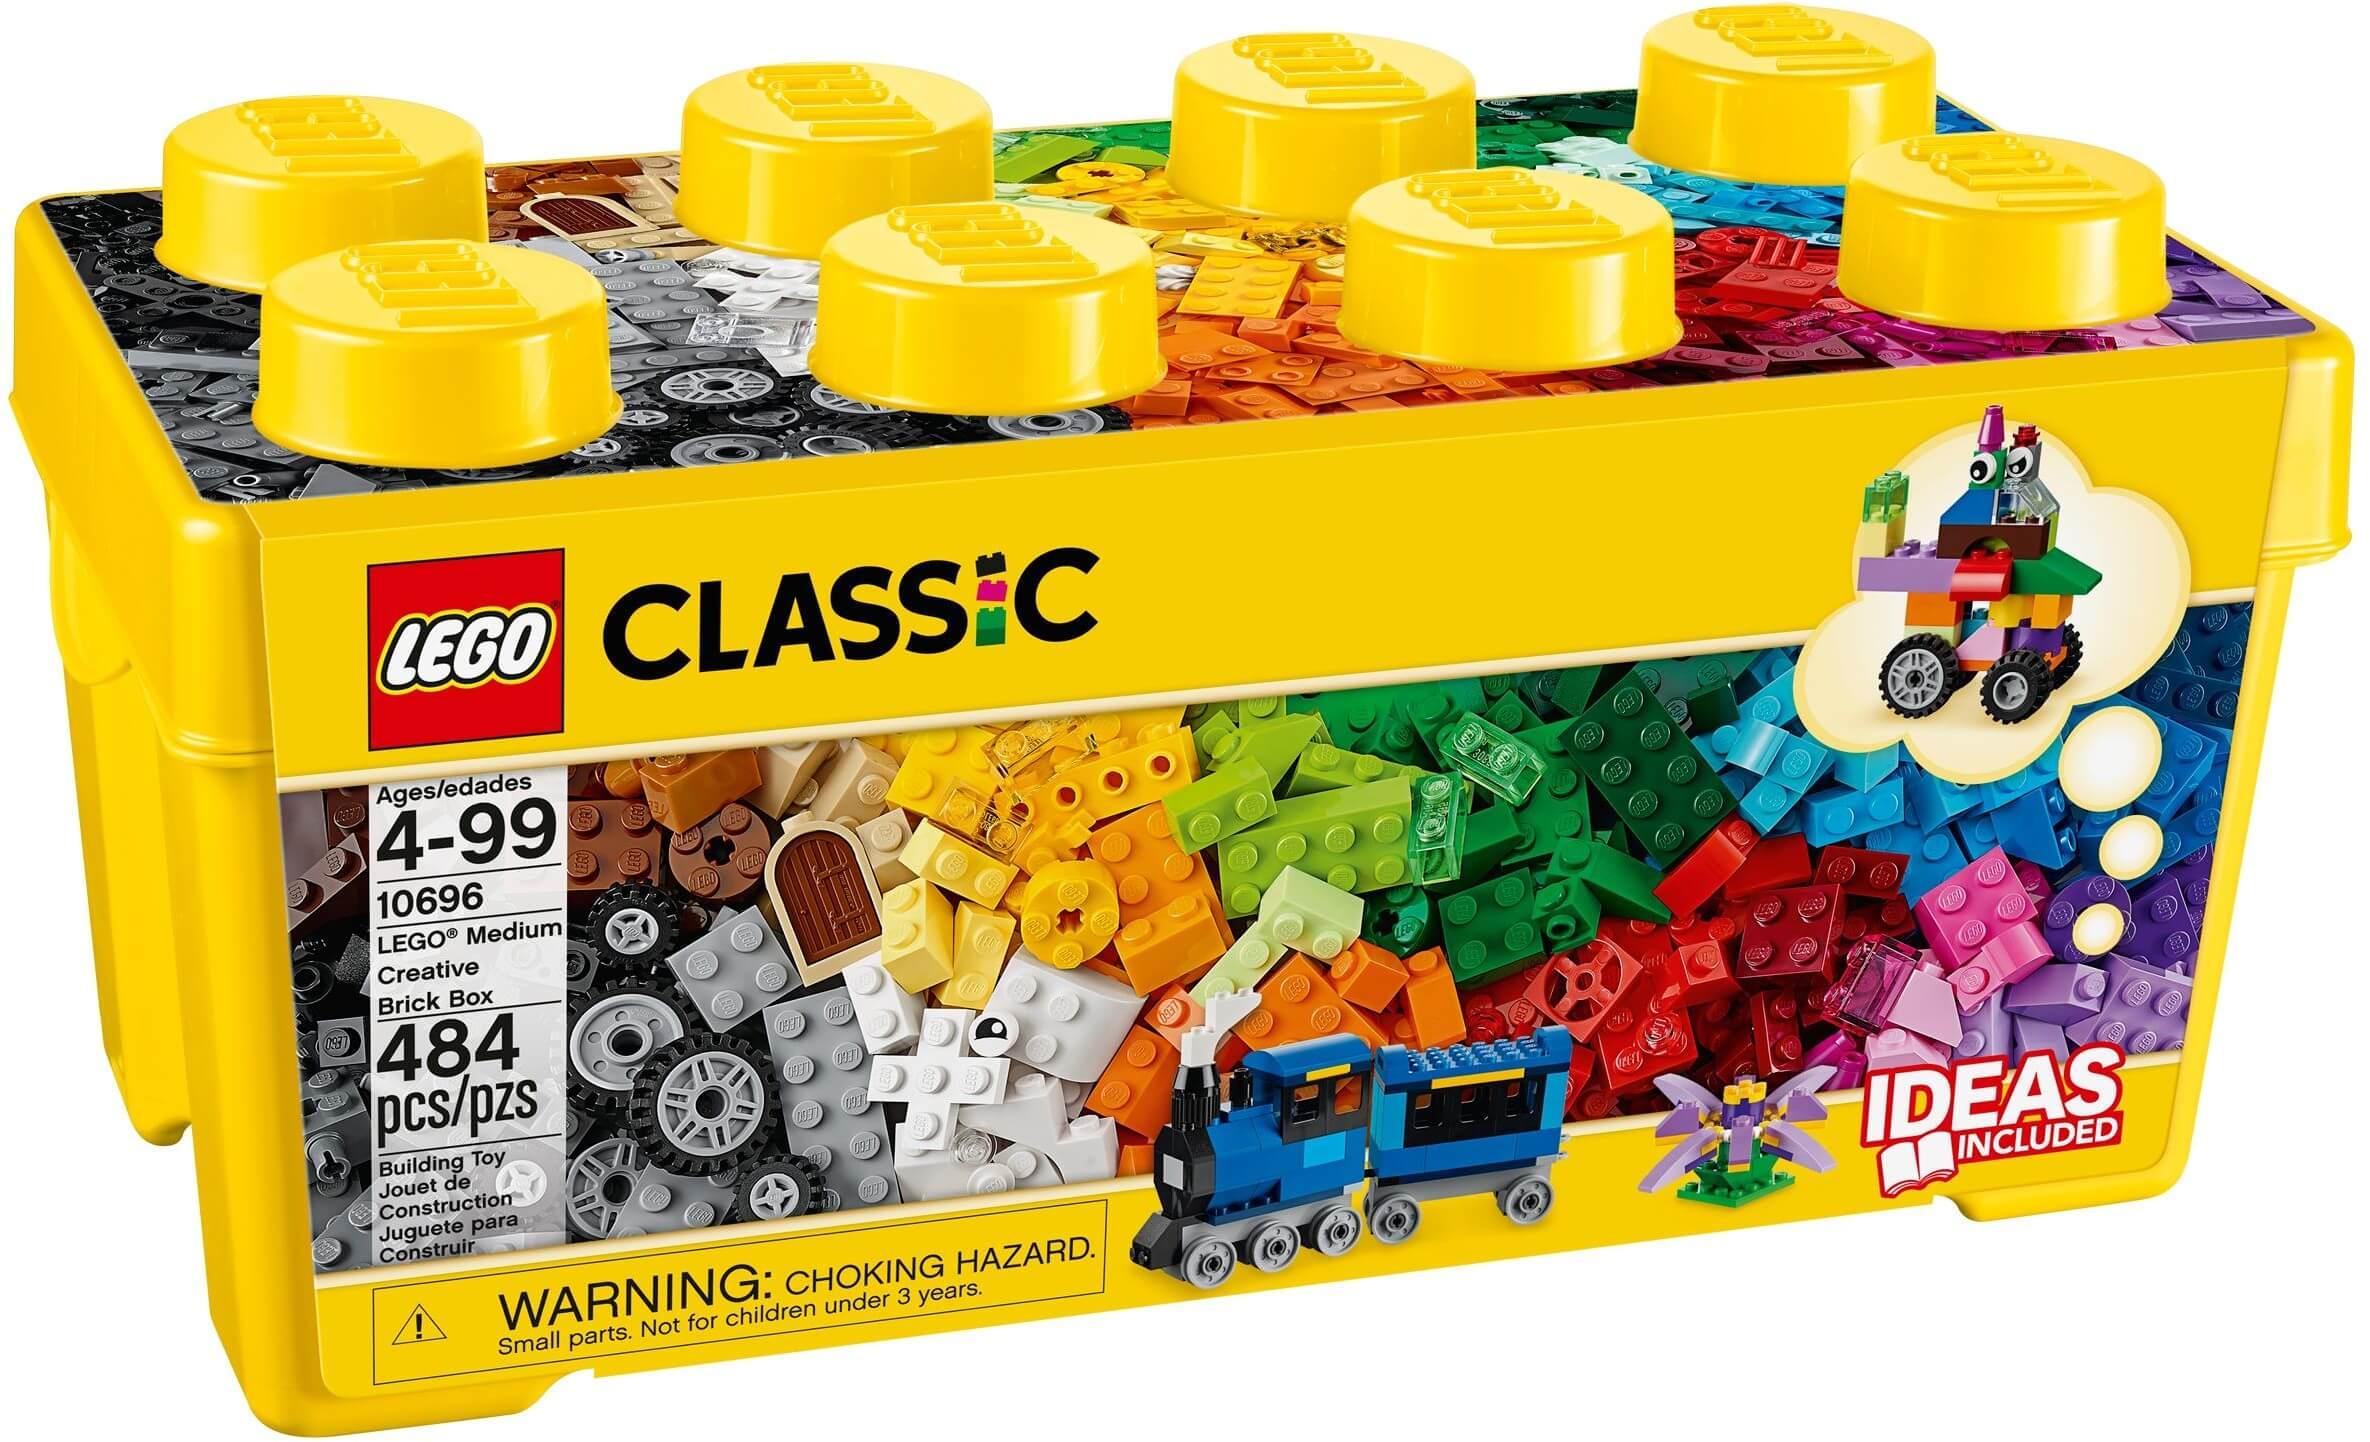 Mua đồ chơi LEGO 10696 - LEGO Classic 10696 - Thùng gạch sáng tạo lớn 484 mảnh ghép (LEGO Classic Medium Creative Brick Box 10696)